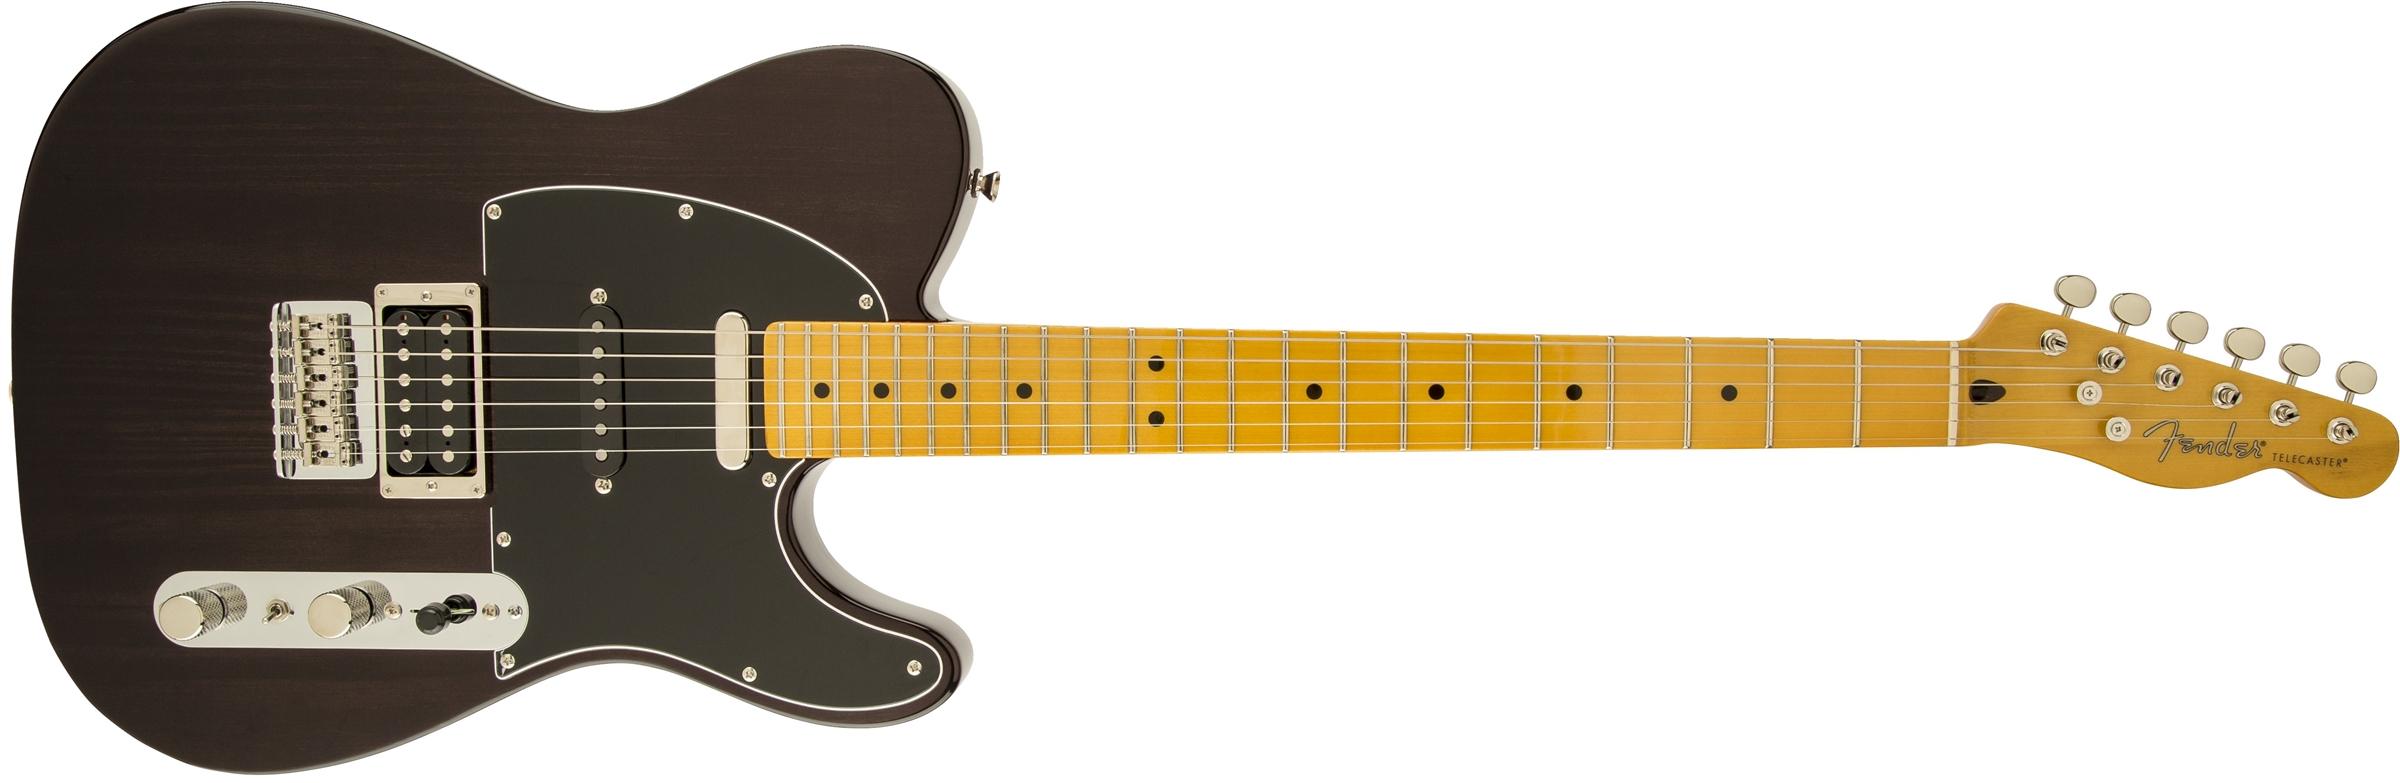 Fender Modern Player Telecaster 174 Plus Maple Fingerboard